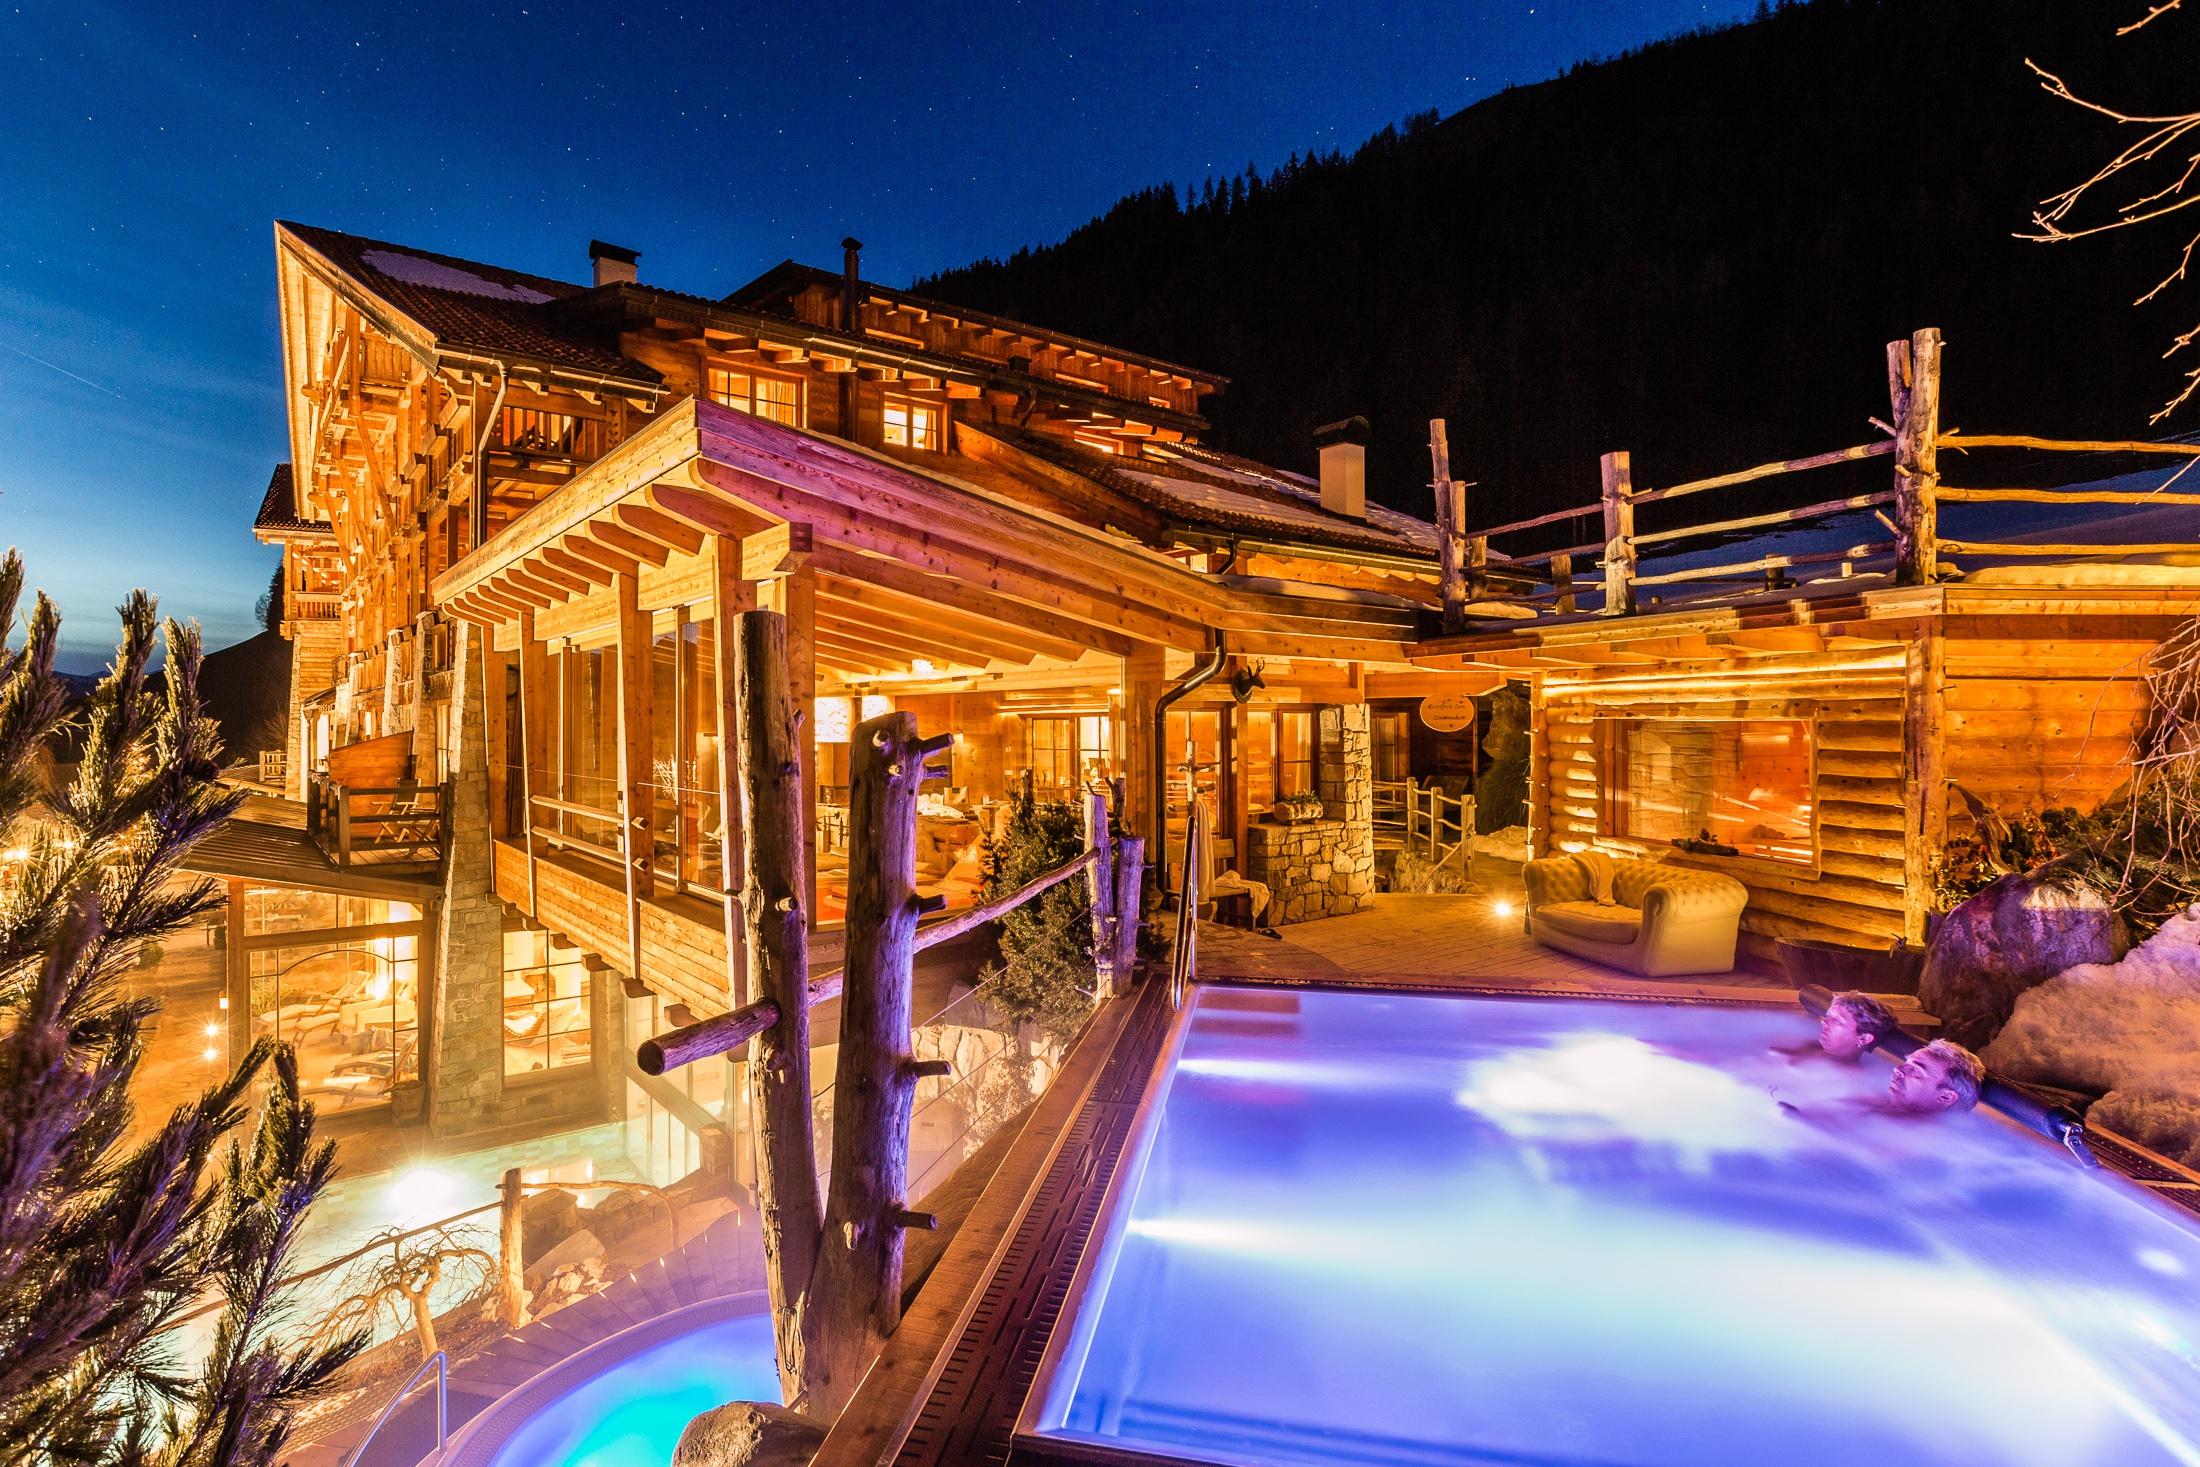 Hotel Lüsnerhof - Luson - Hotel 4s stelle - Alto Adige, Provincia ...